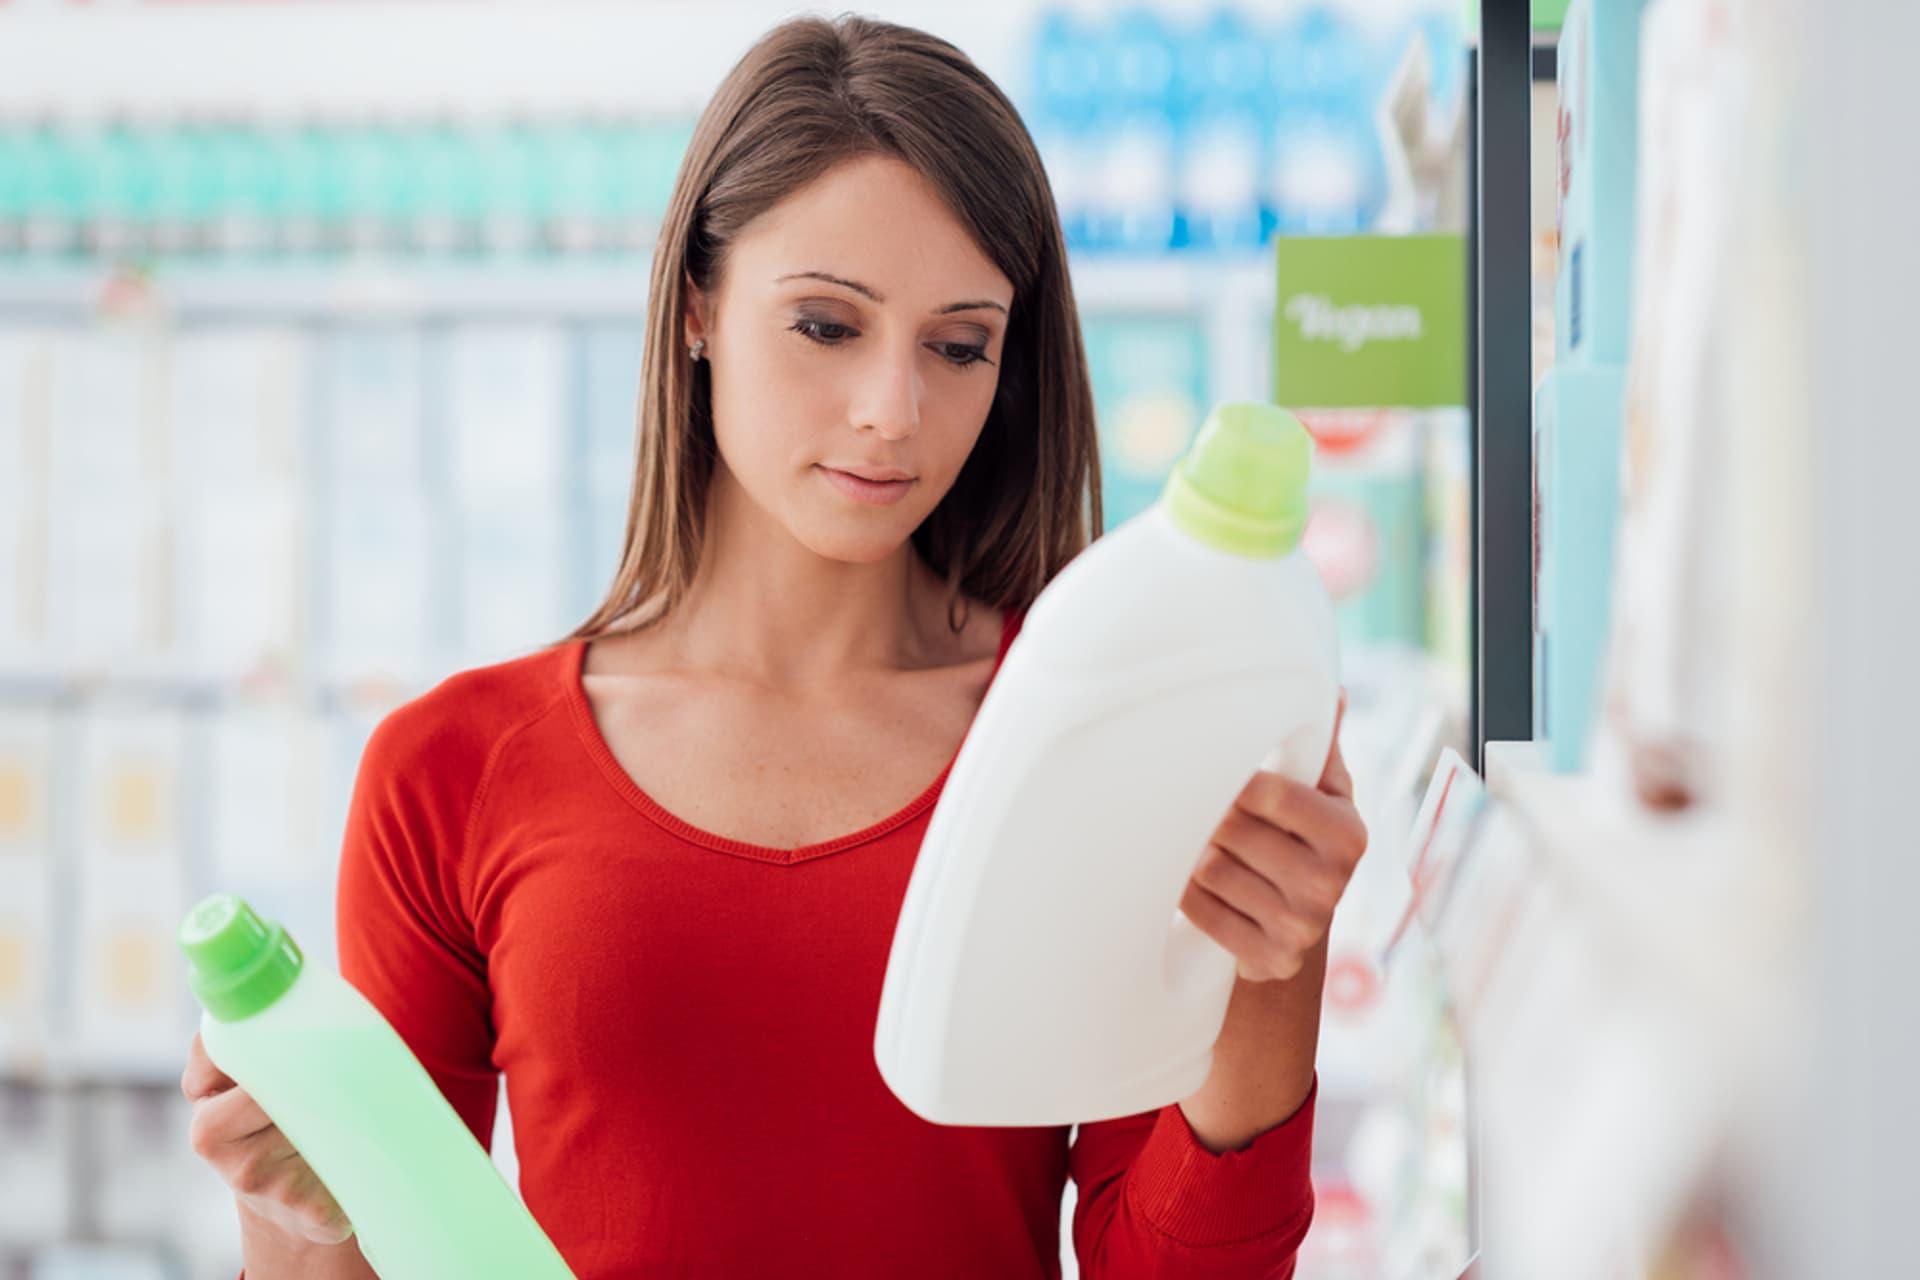 Waschmittel kaufen c Stokkete shutterstock 519858151